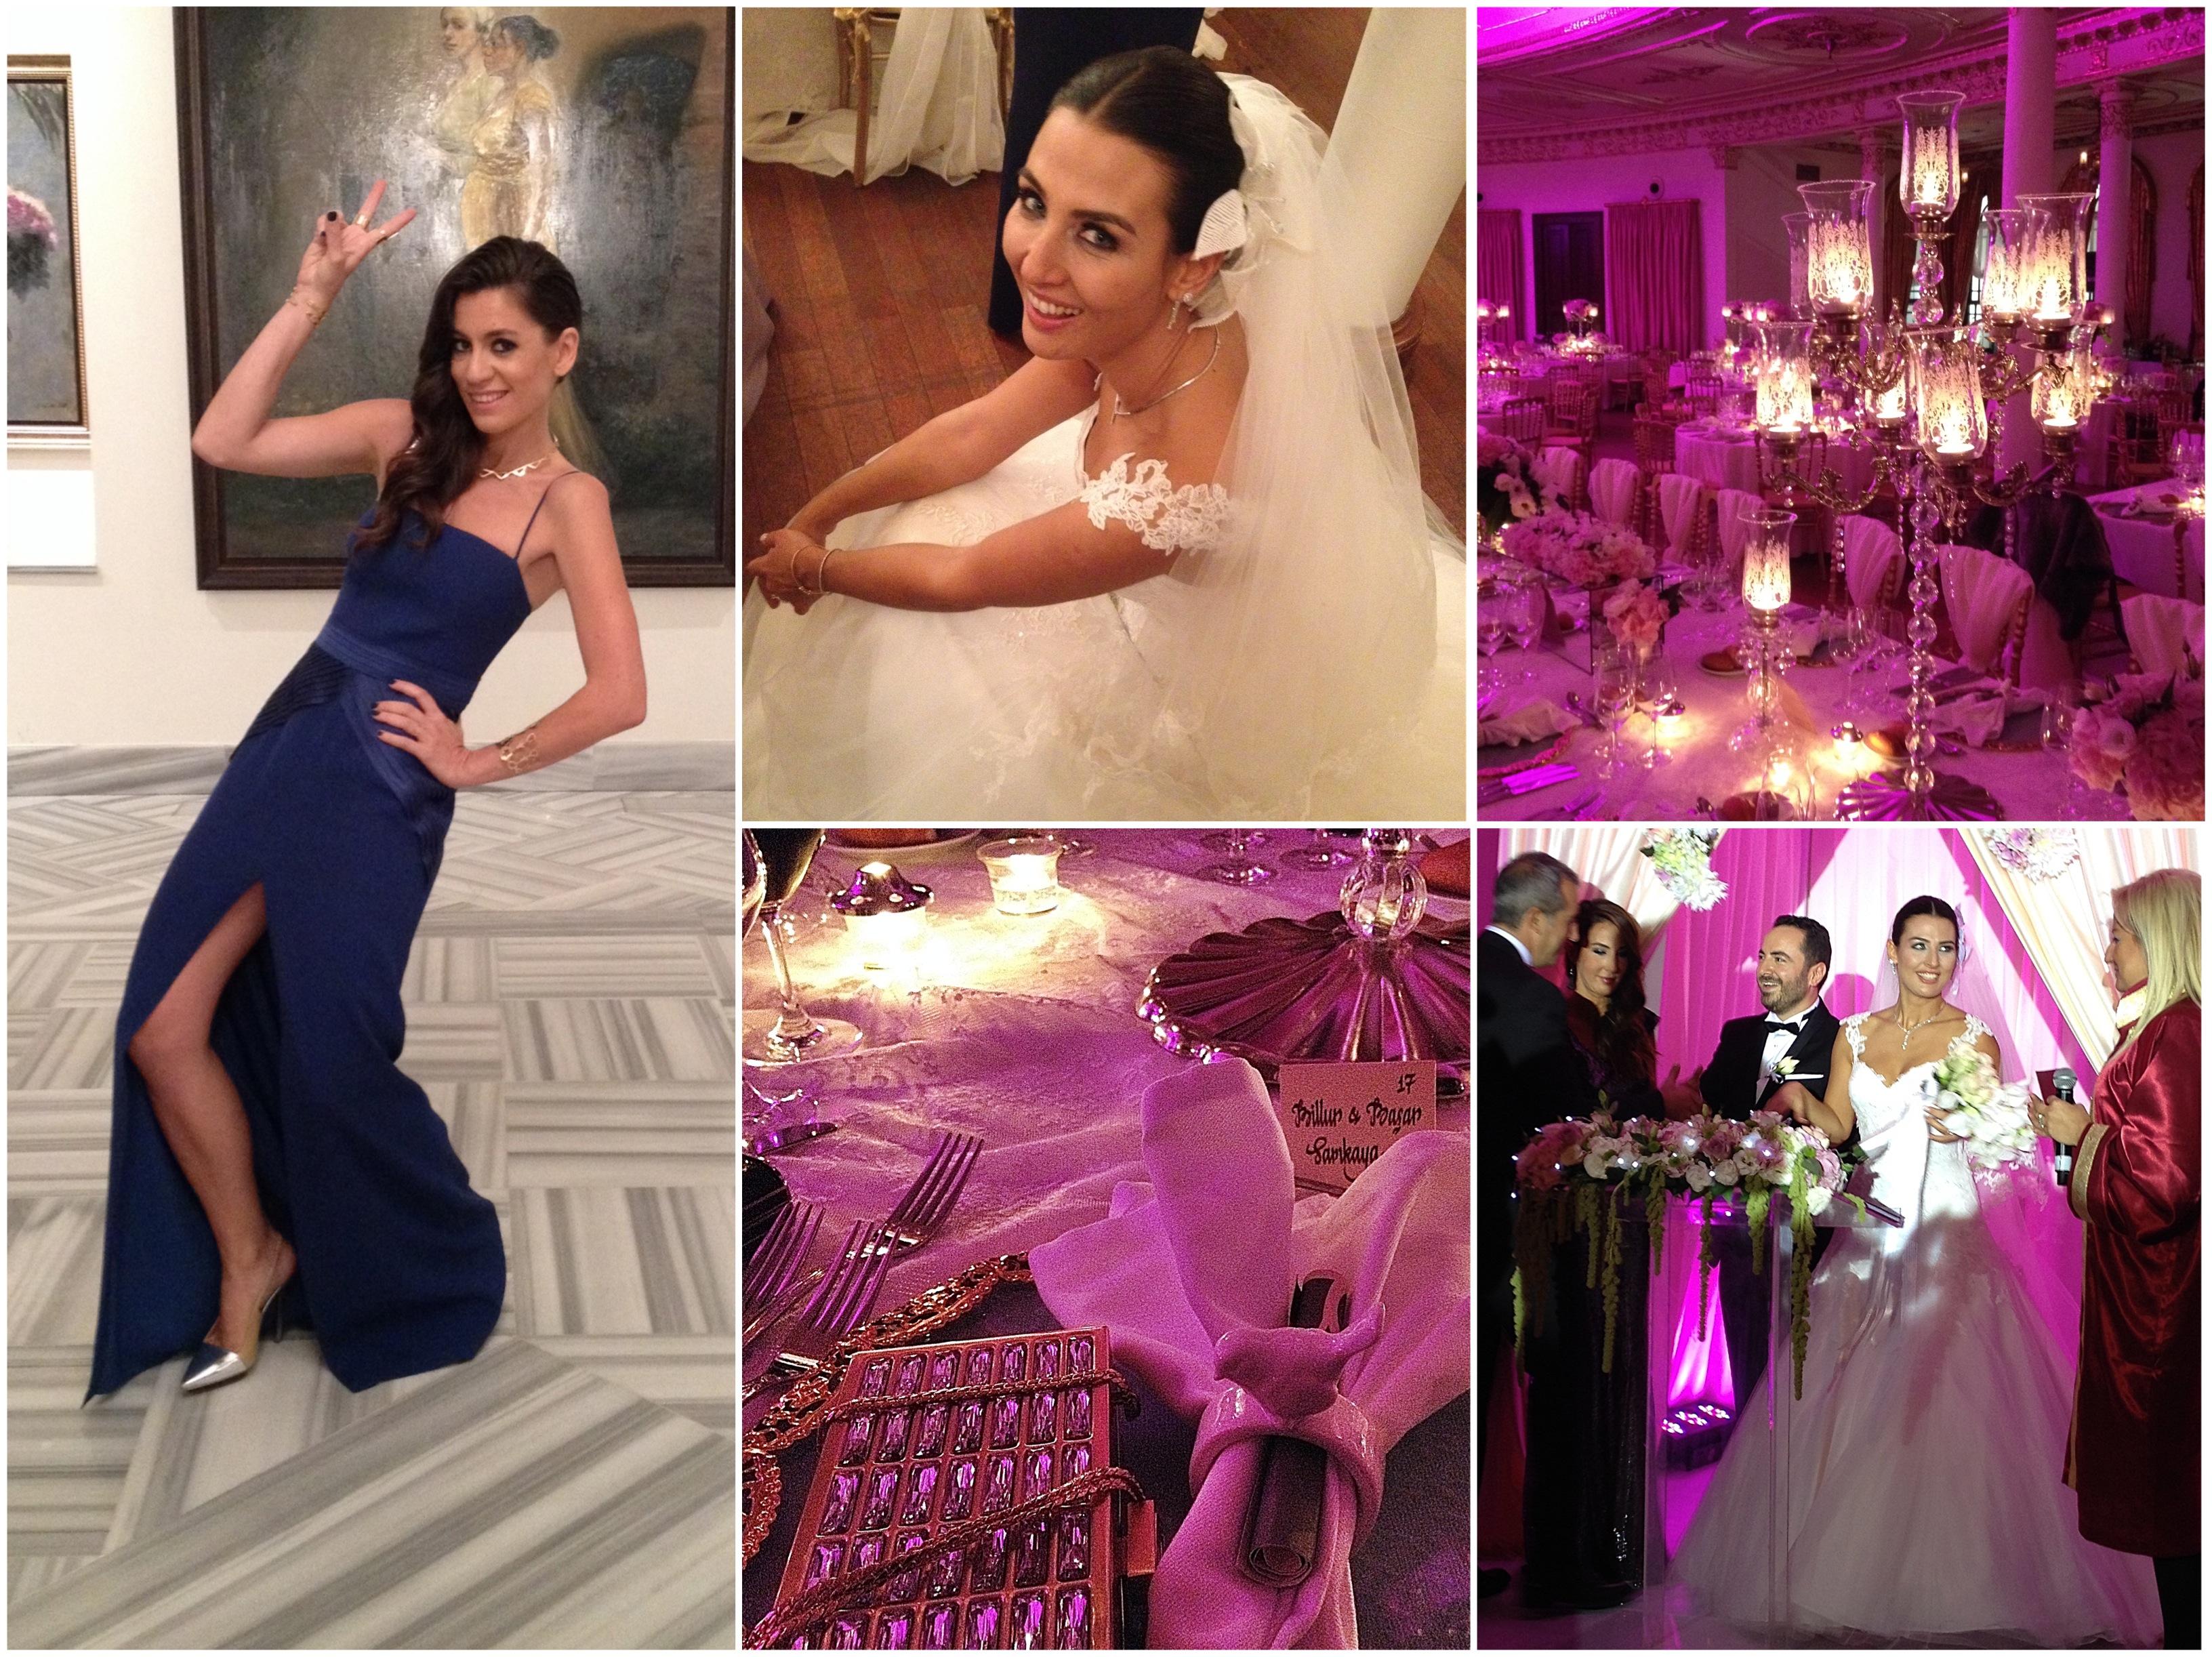 adile sultan, düğün, düğünde ne giydim, gamze saraçoğlu, ekria, michael kors, love moschino, makas nişantaşı, mac cosmetics